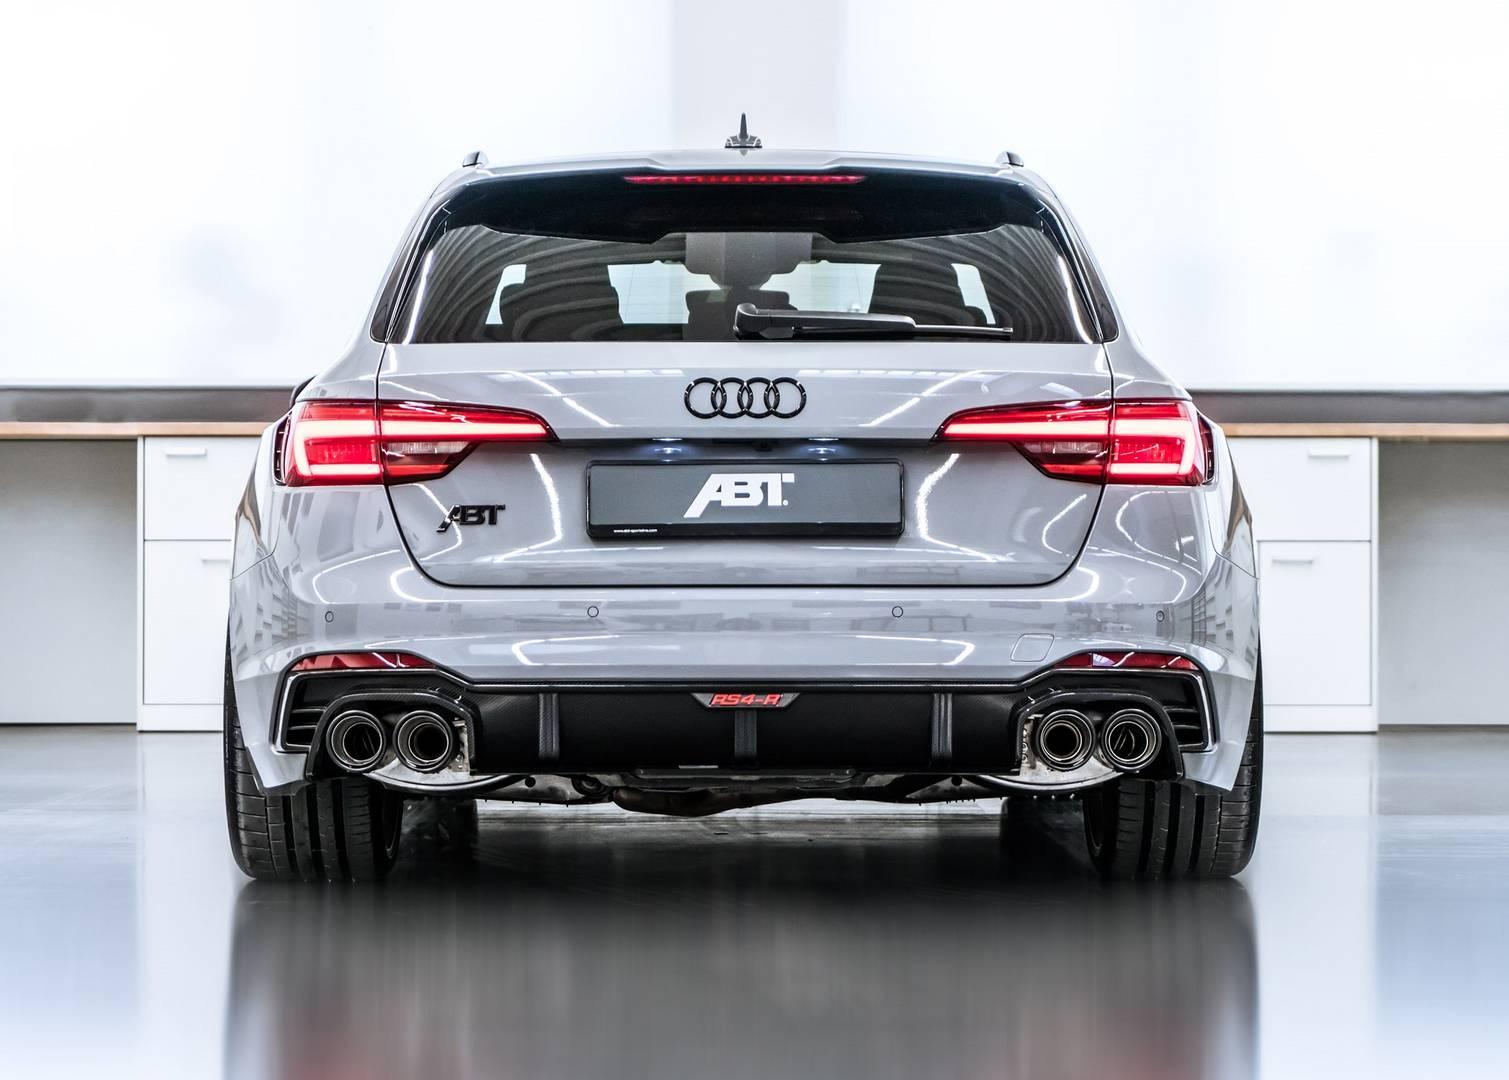 ABT RS4-R дебютирует в Женеве в этом году, предлагая значительное увеличение мощности и агрессивный новый облик.